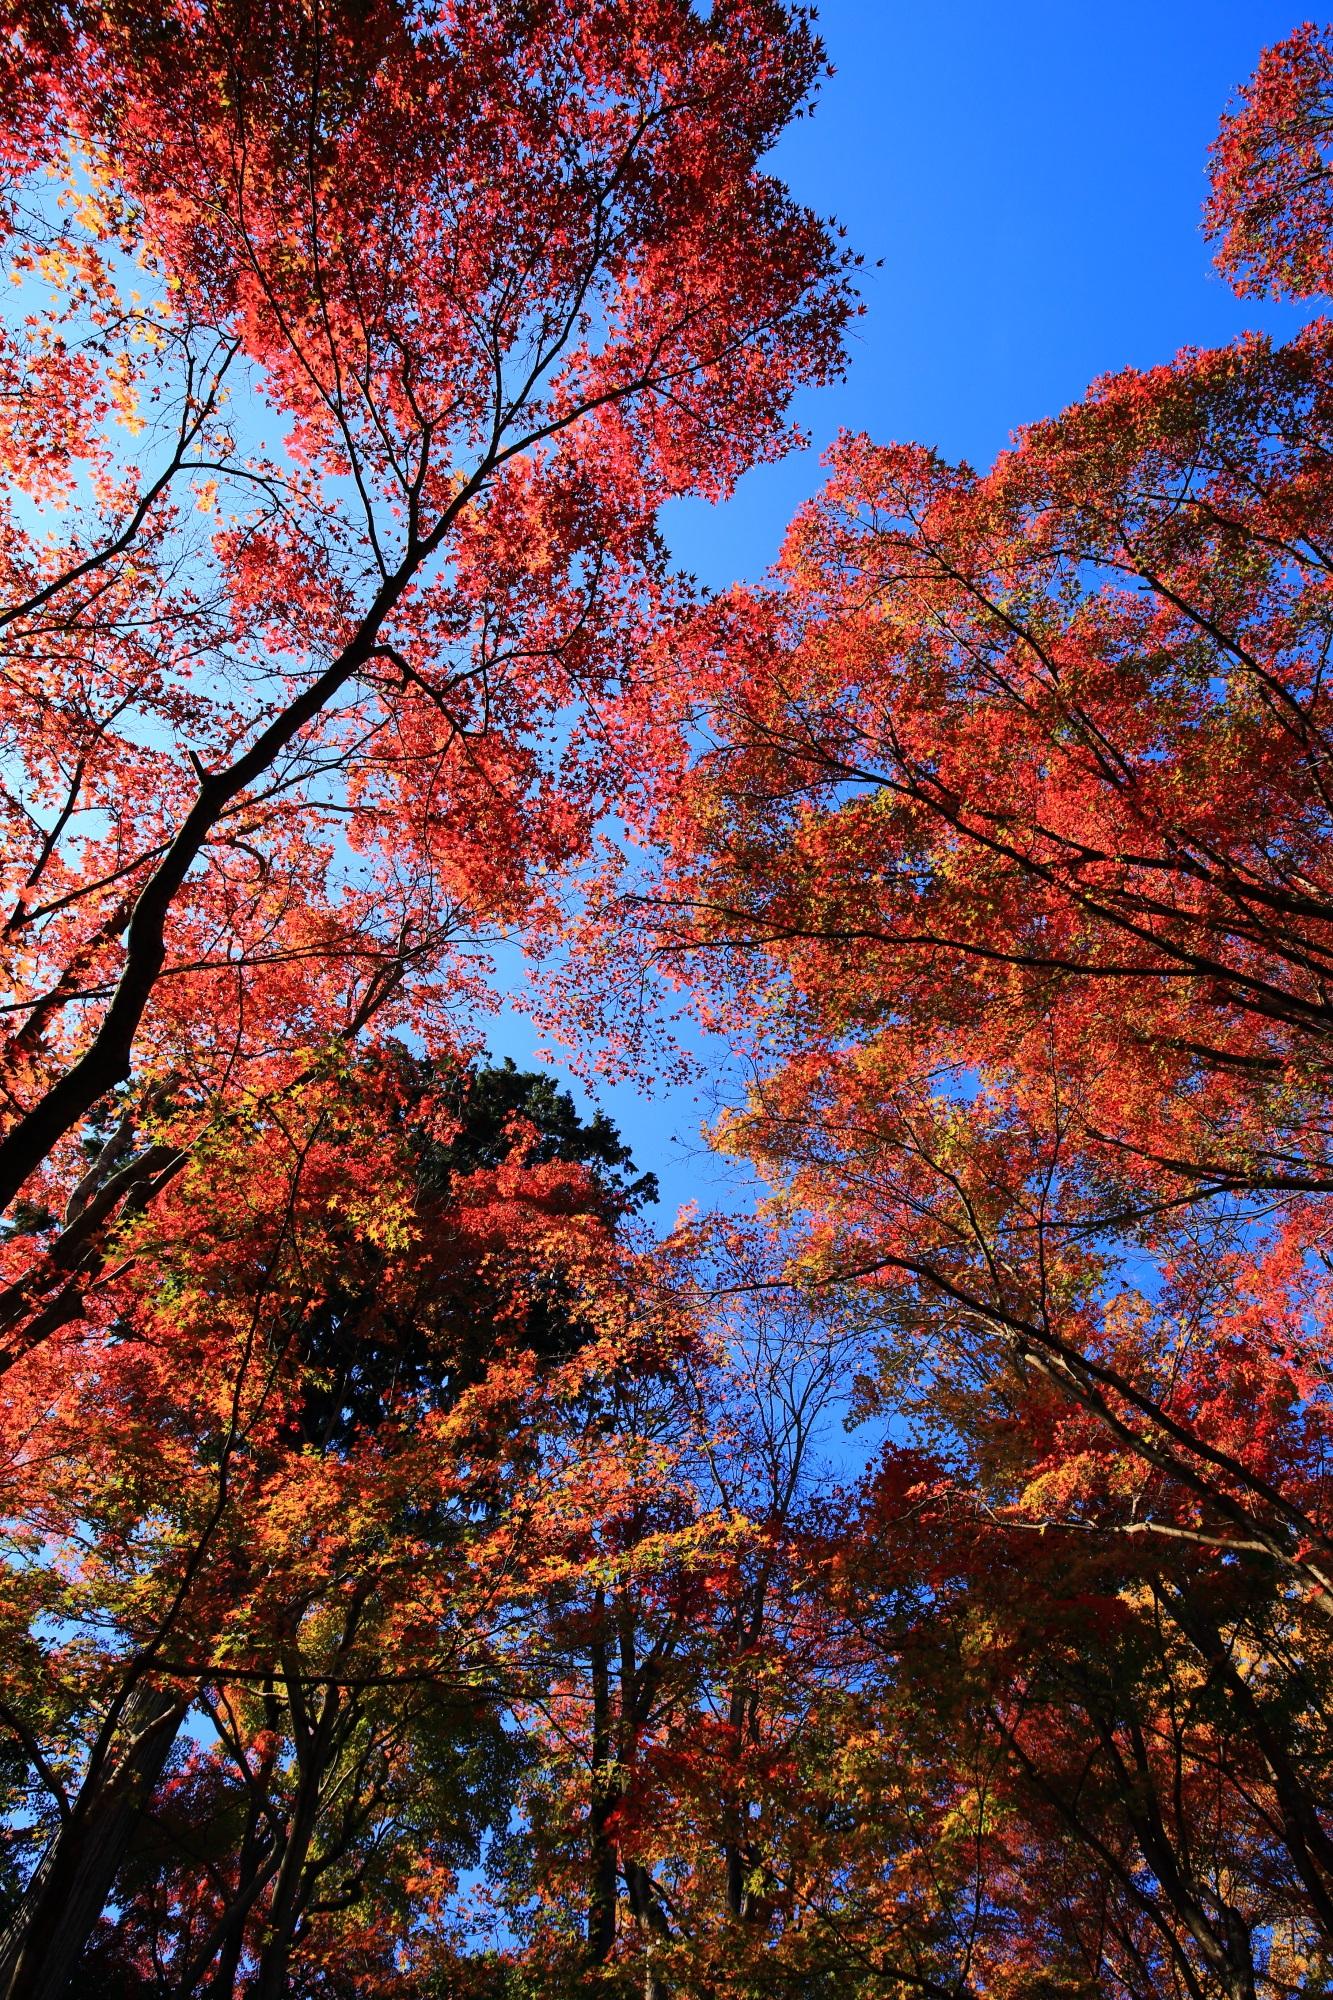 奥嵯峨の紅葉の名所の常寂光寺の見ごろの鮮やかな紅葉